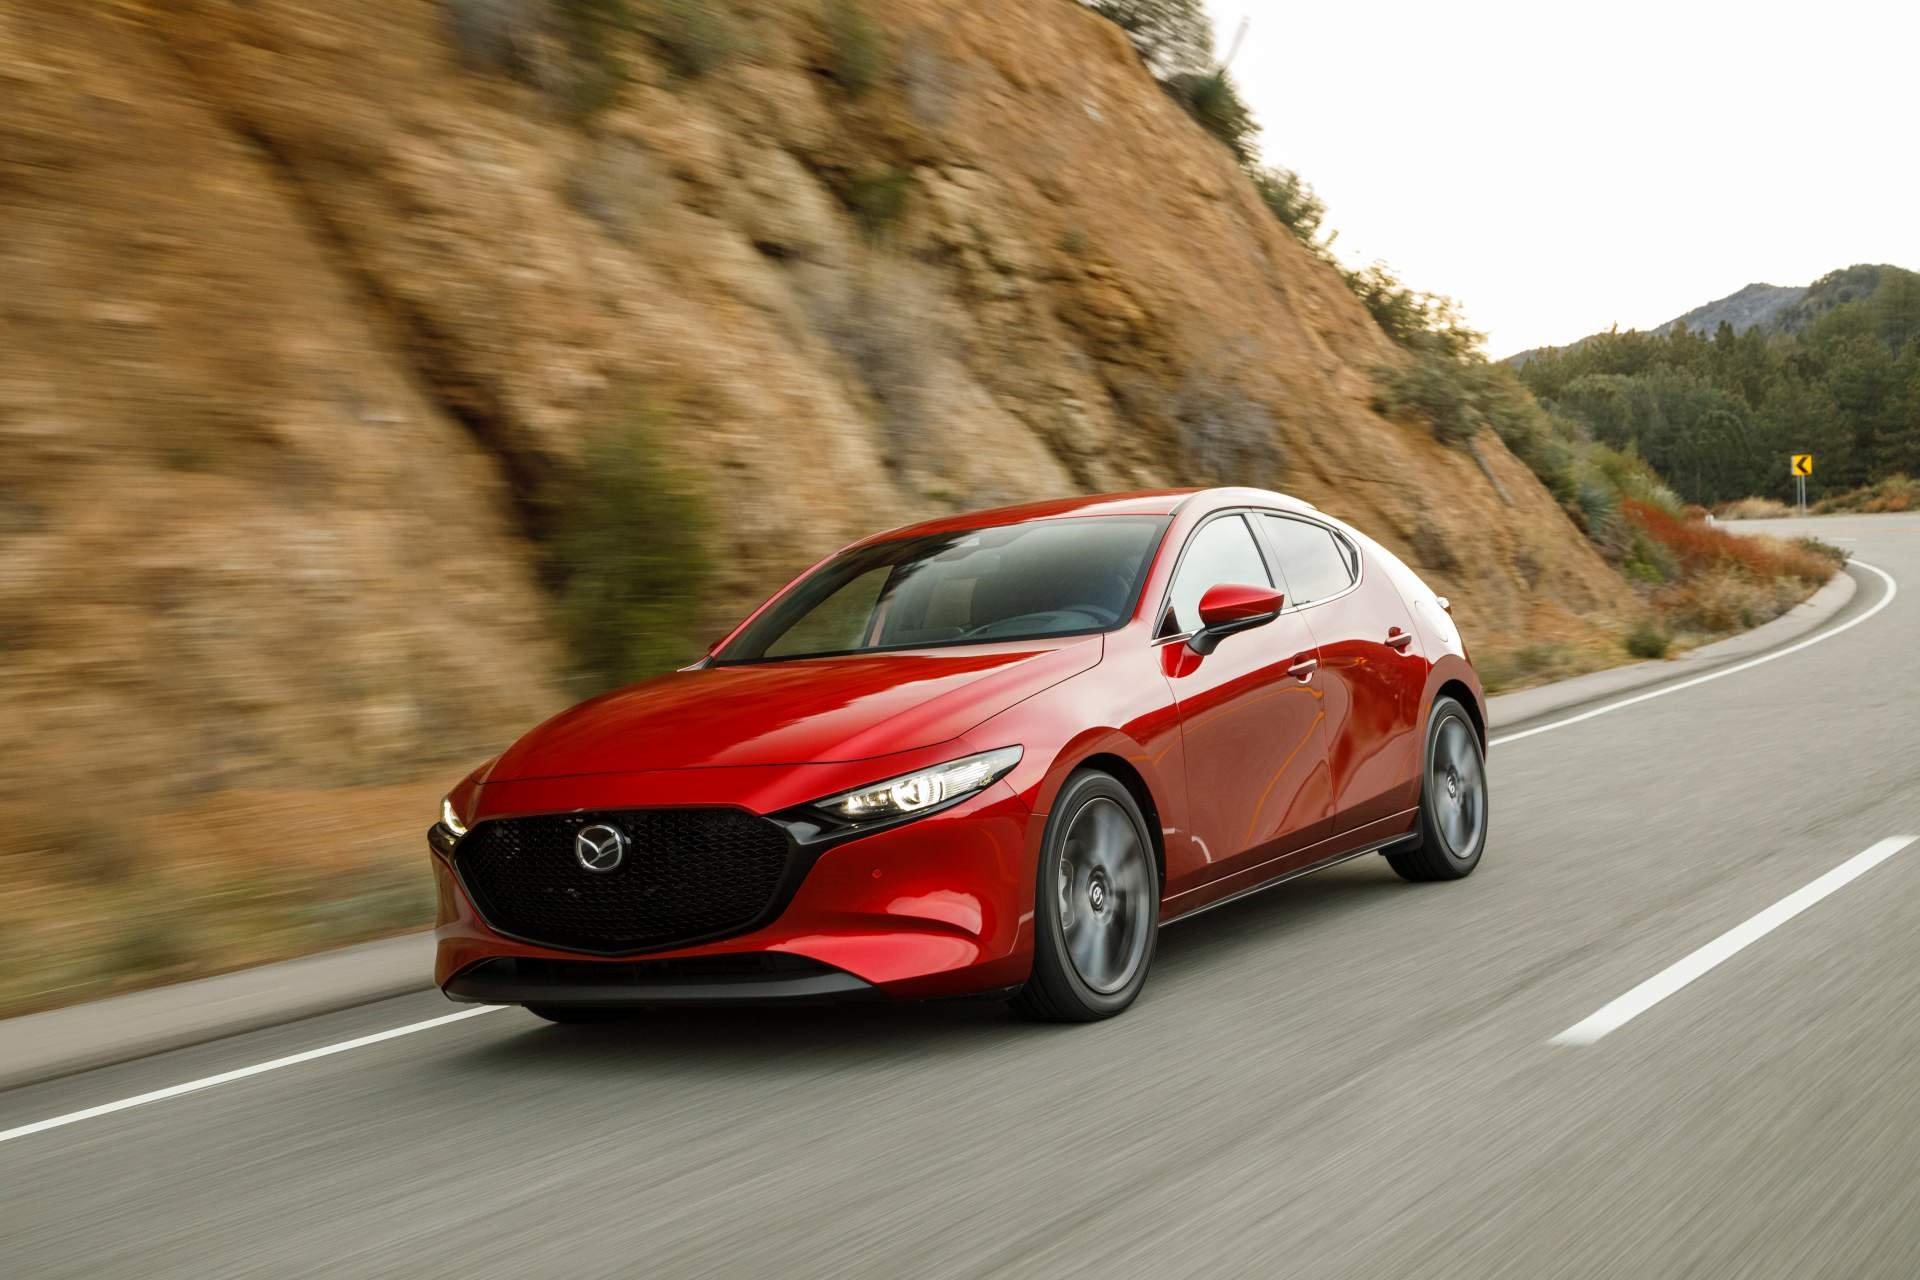 New 2019 Mazda-Mazda3 Sedan Select Mazda3 Sedan Select for sale $22,600 at M and V Leasing in Brooklyn NY 11223 1